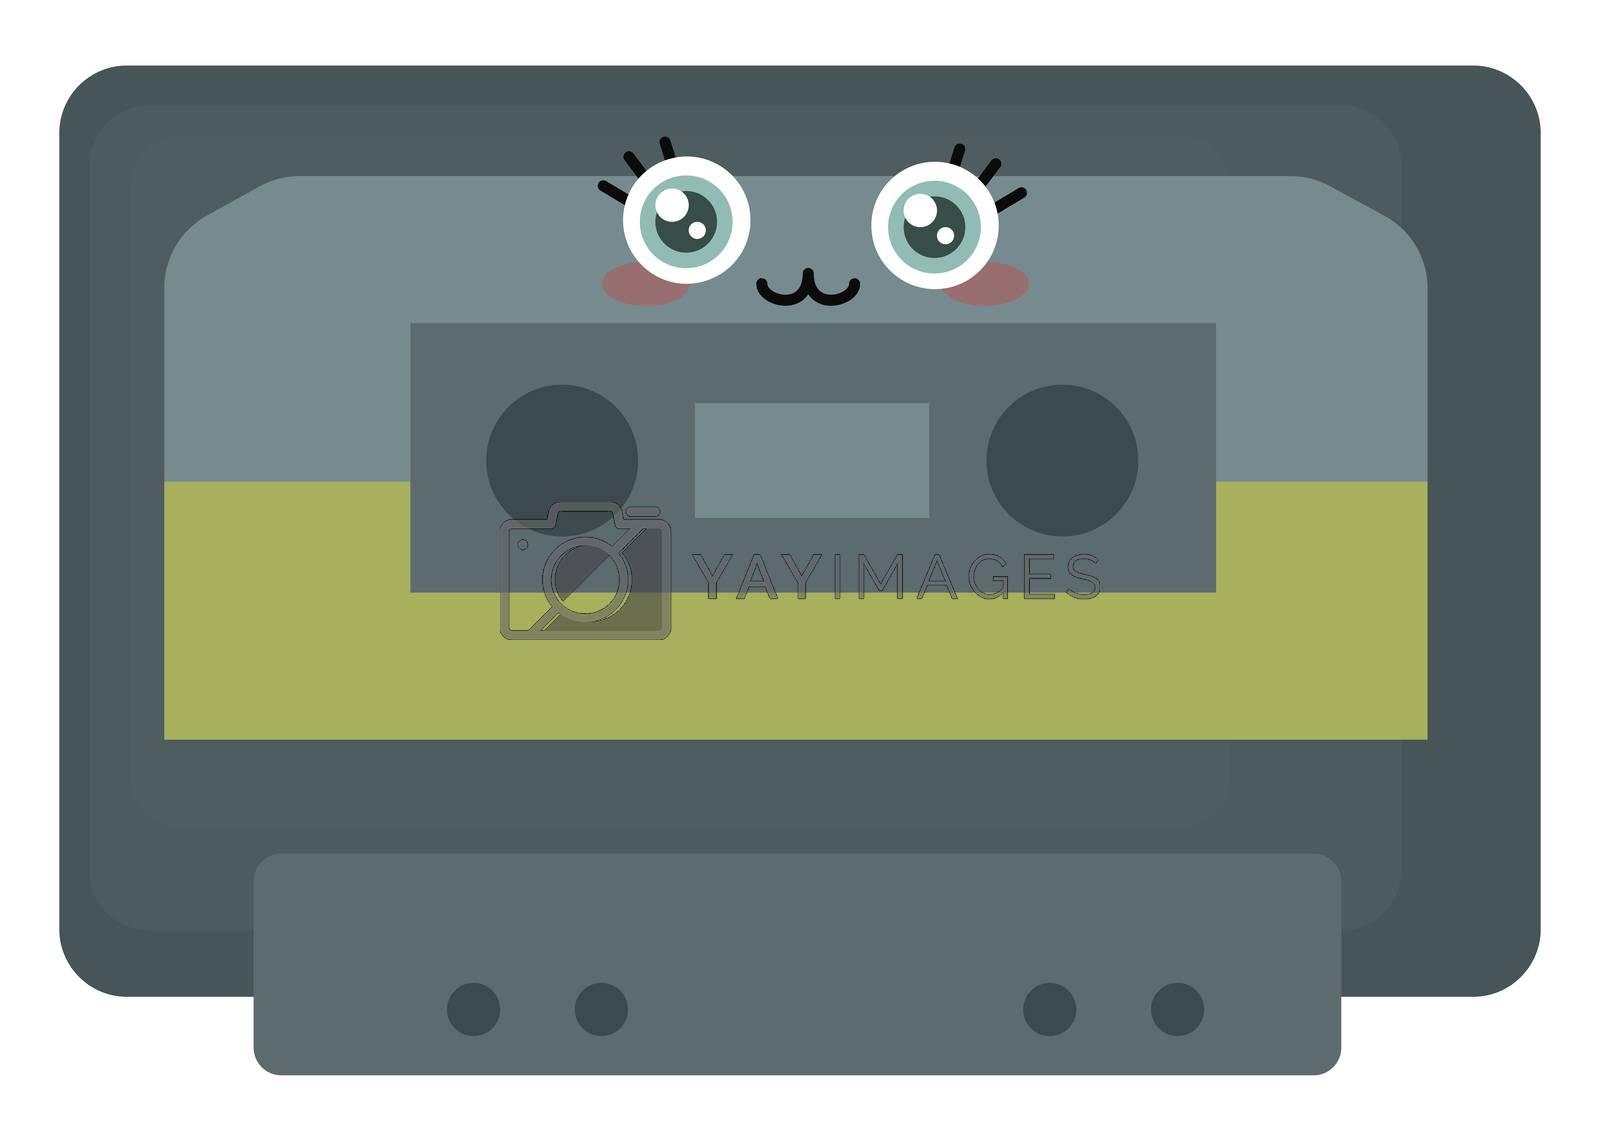 Cute casette tape , illustration, vector on white background